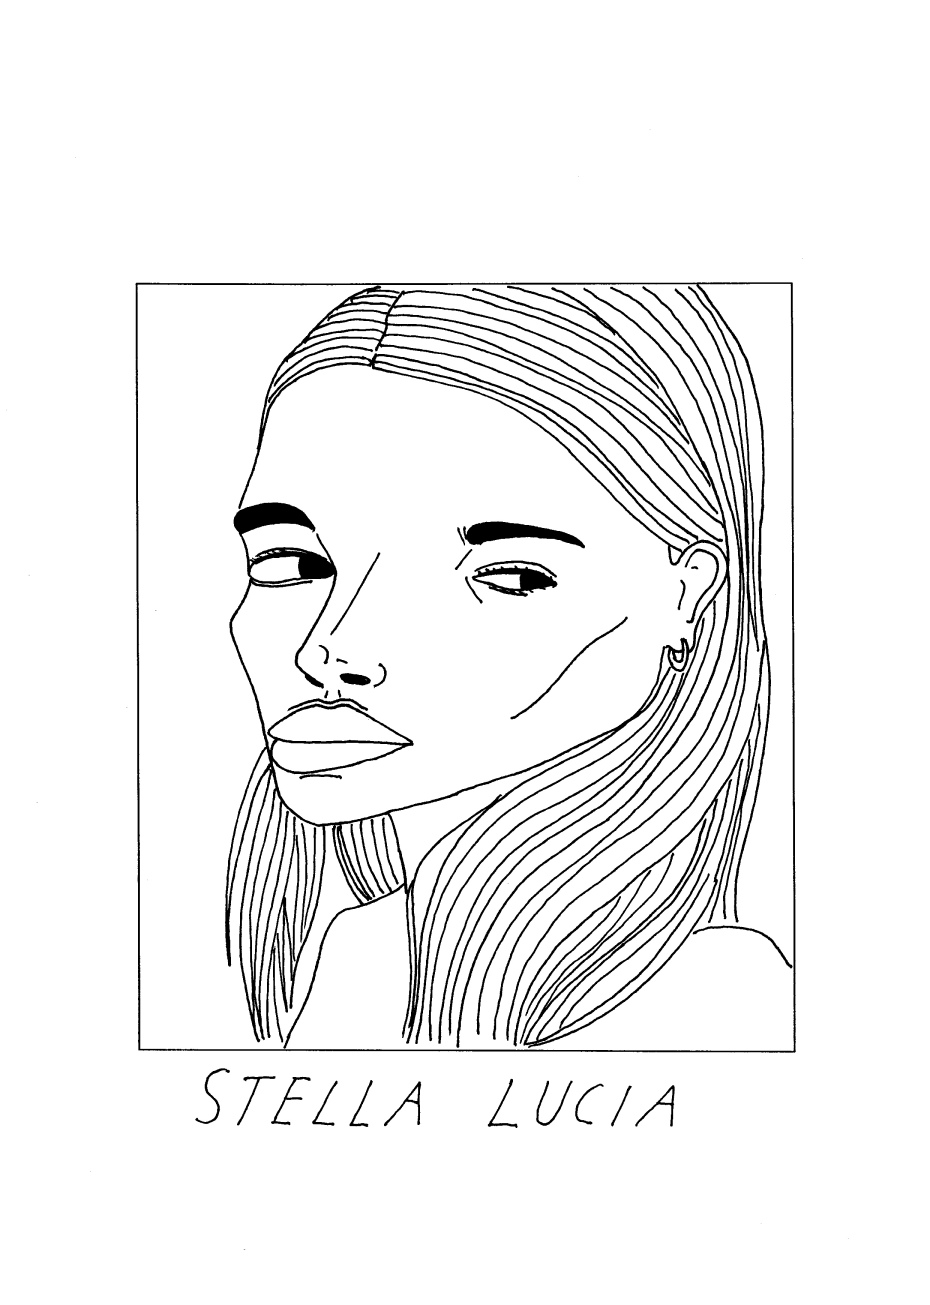 stella lucia copy